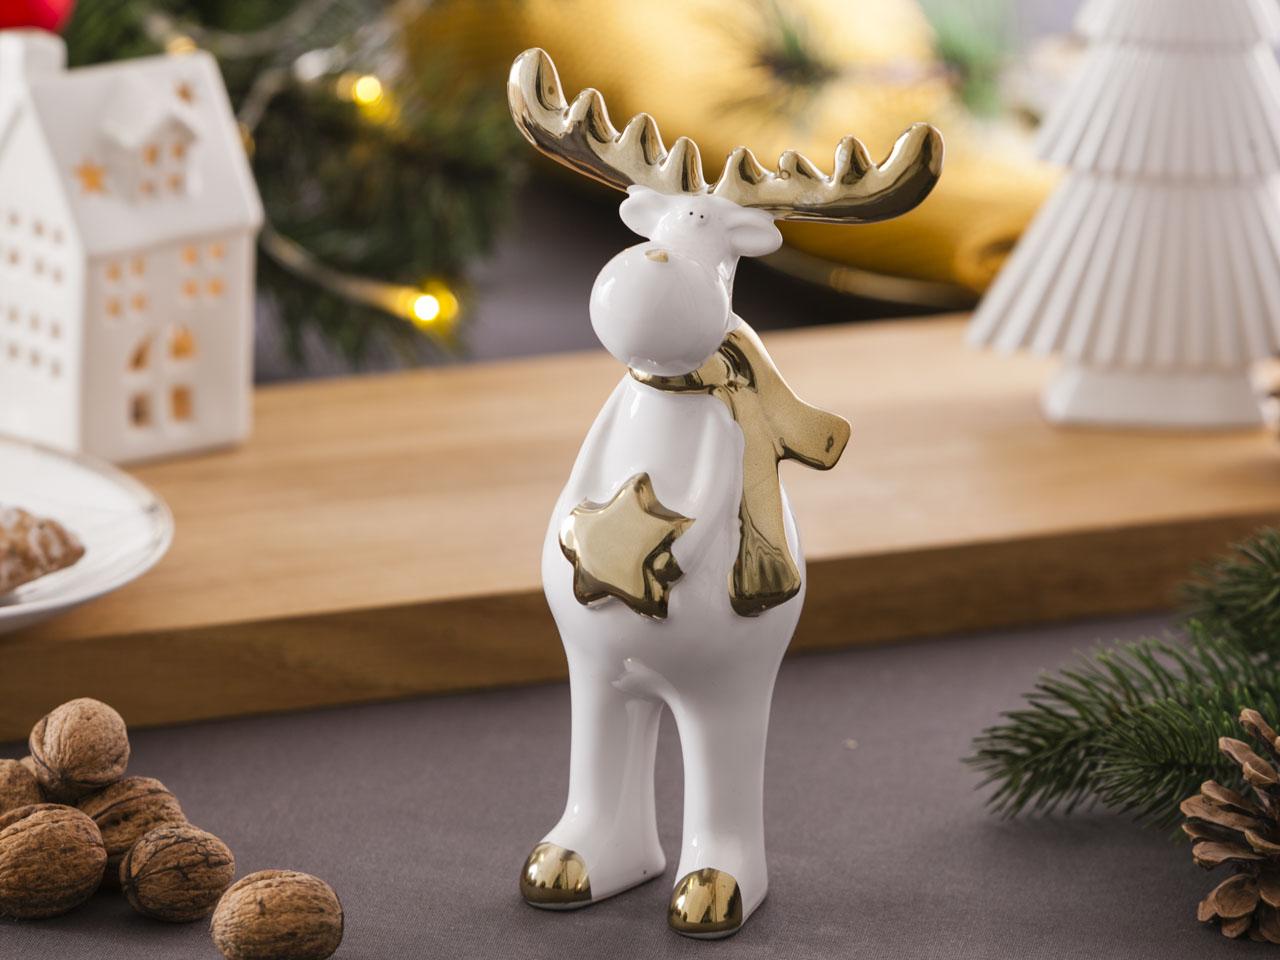 Ozdoba / figurka / dekoracja świąteczna Boże Narodzenie Altom Design Modern renifer biały ze złotem stojący 11,5x8x21 cm